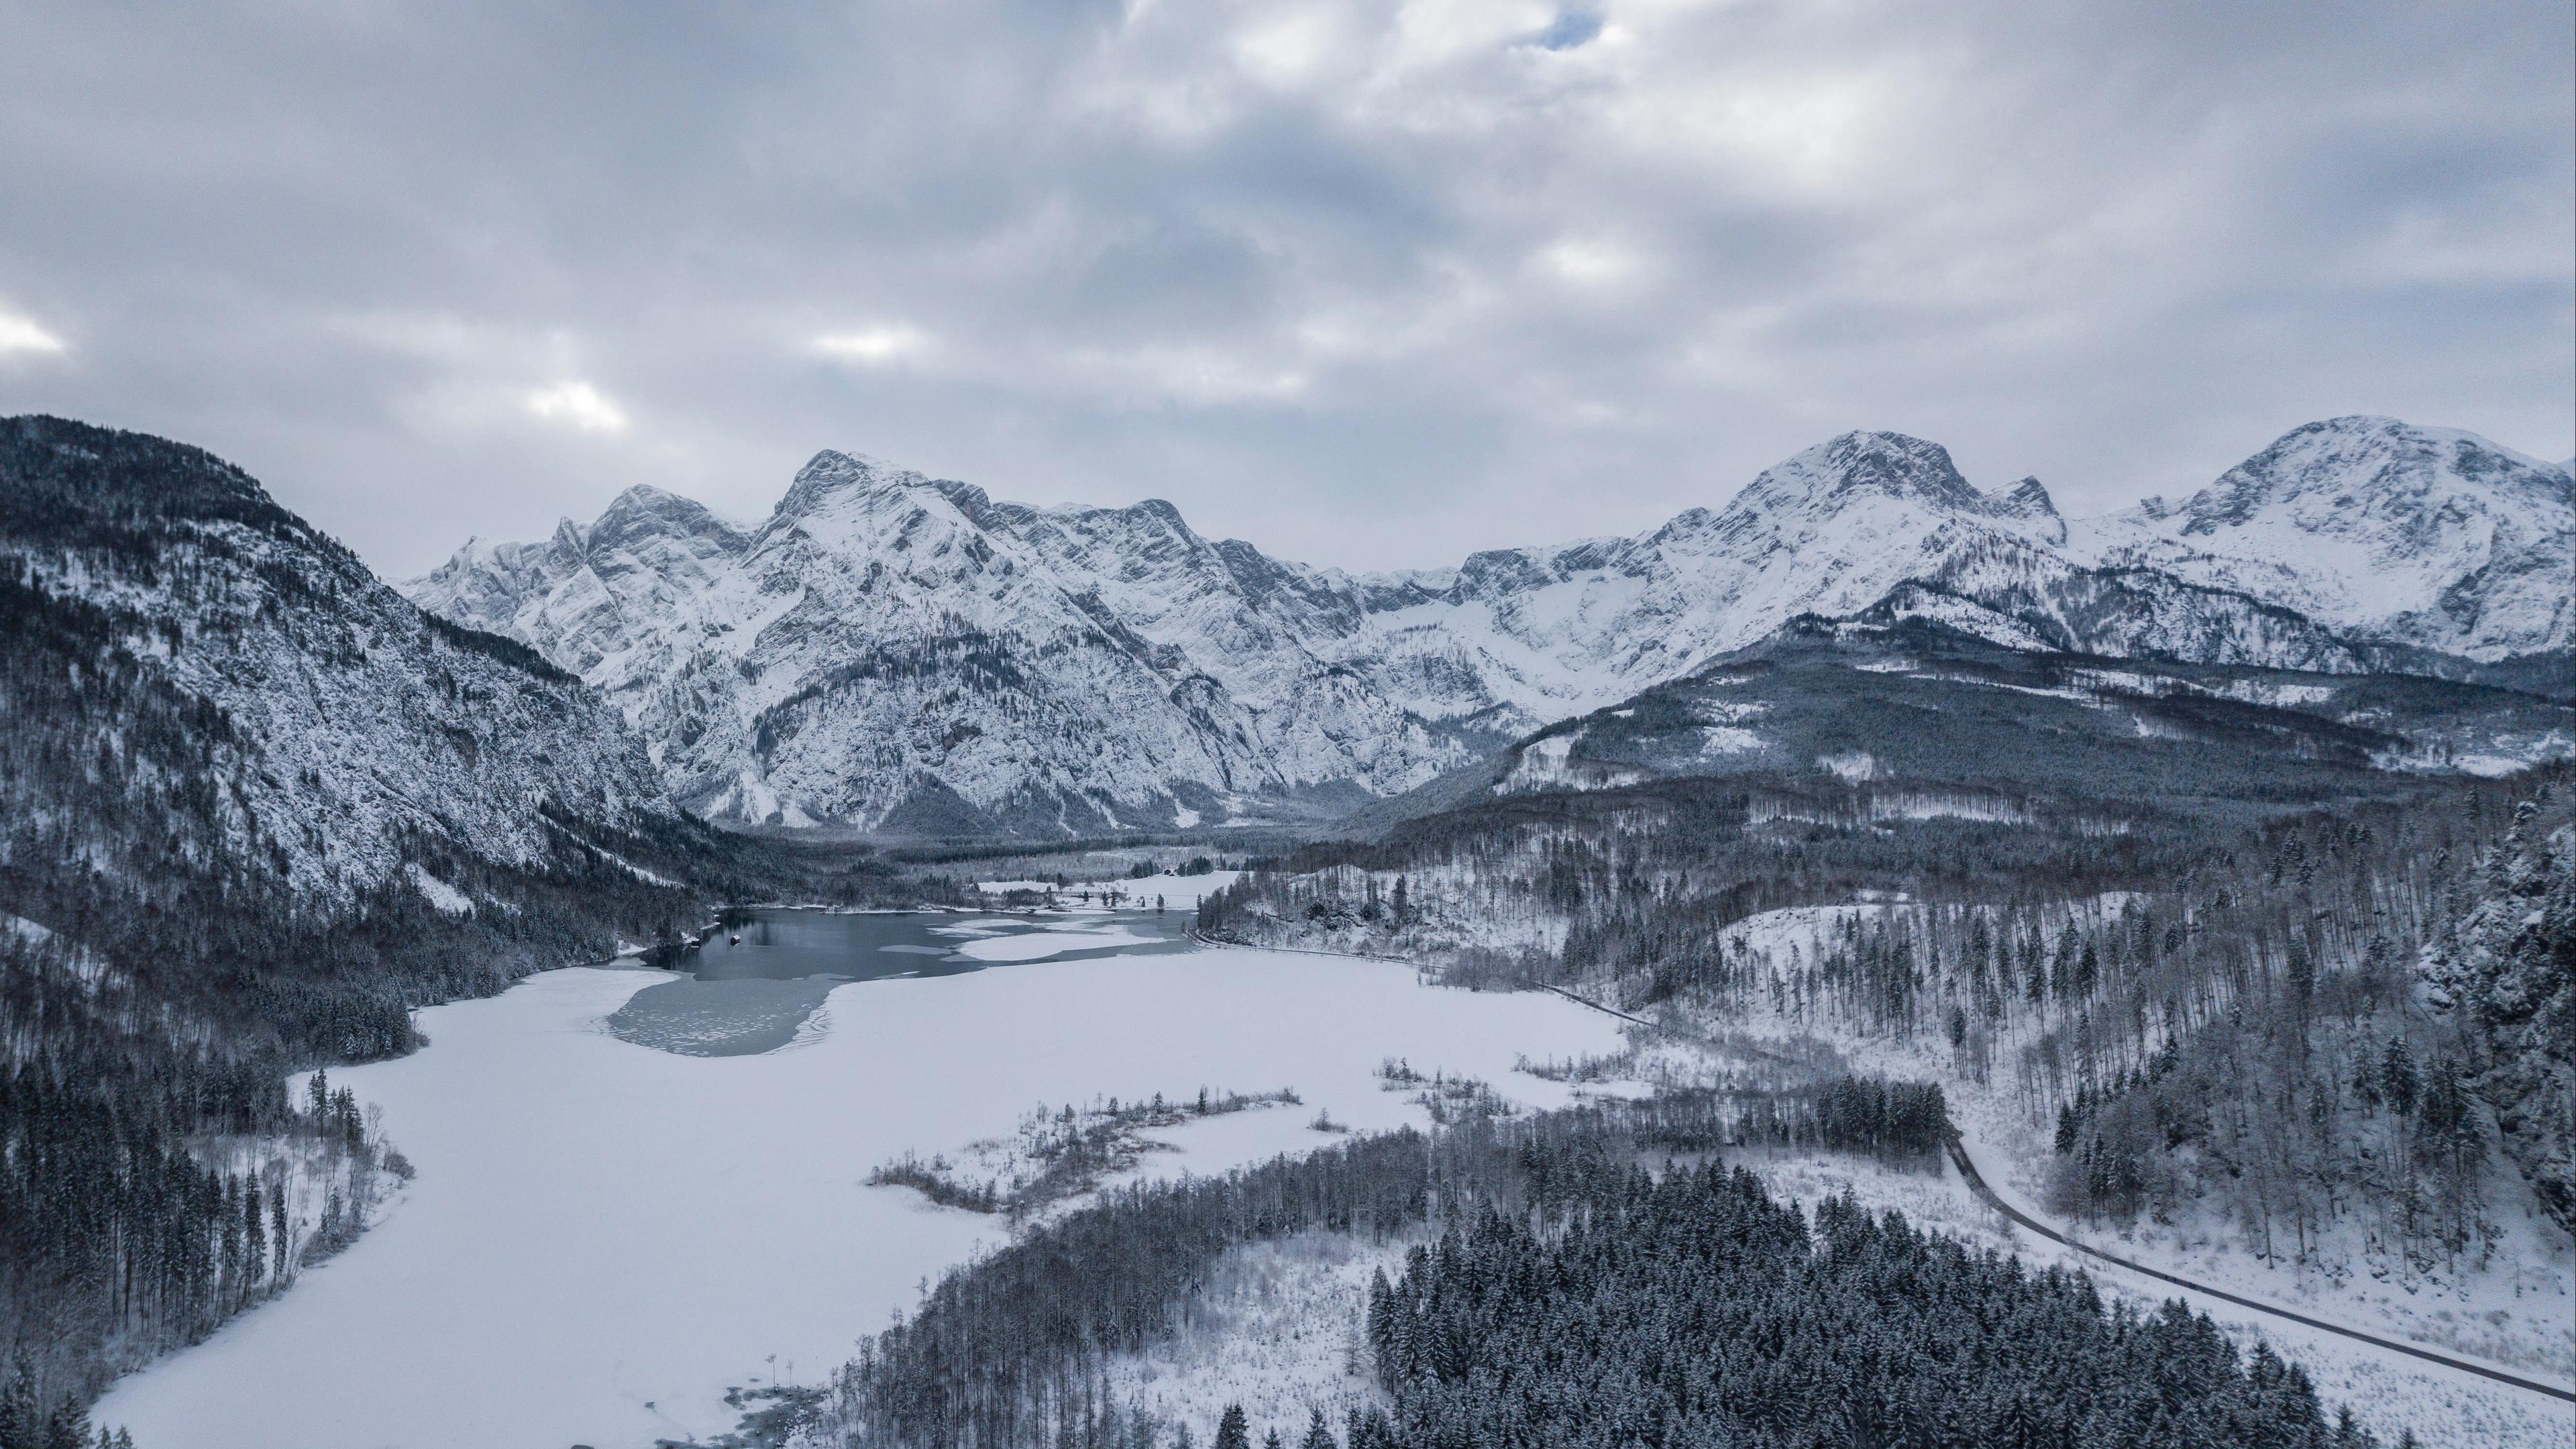 almsee austria mountains winter snow lake 4k 1541115081 - almsee, austria, mountains, winter, snow, lake 4k - Mountains, Austria, almsee